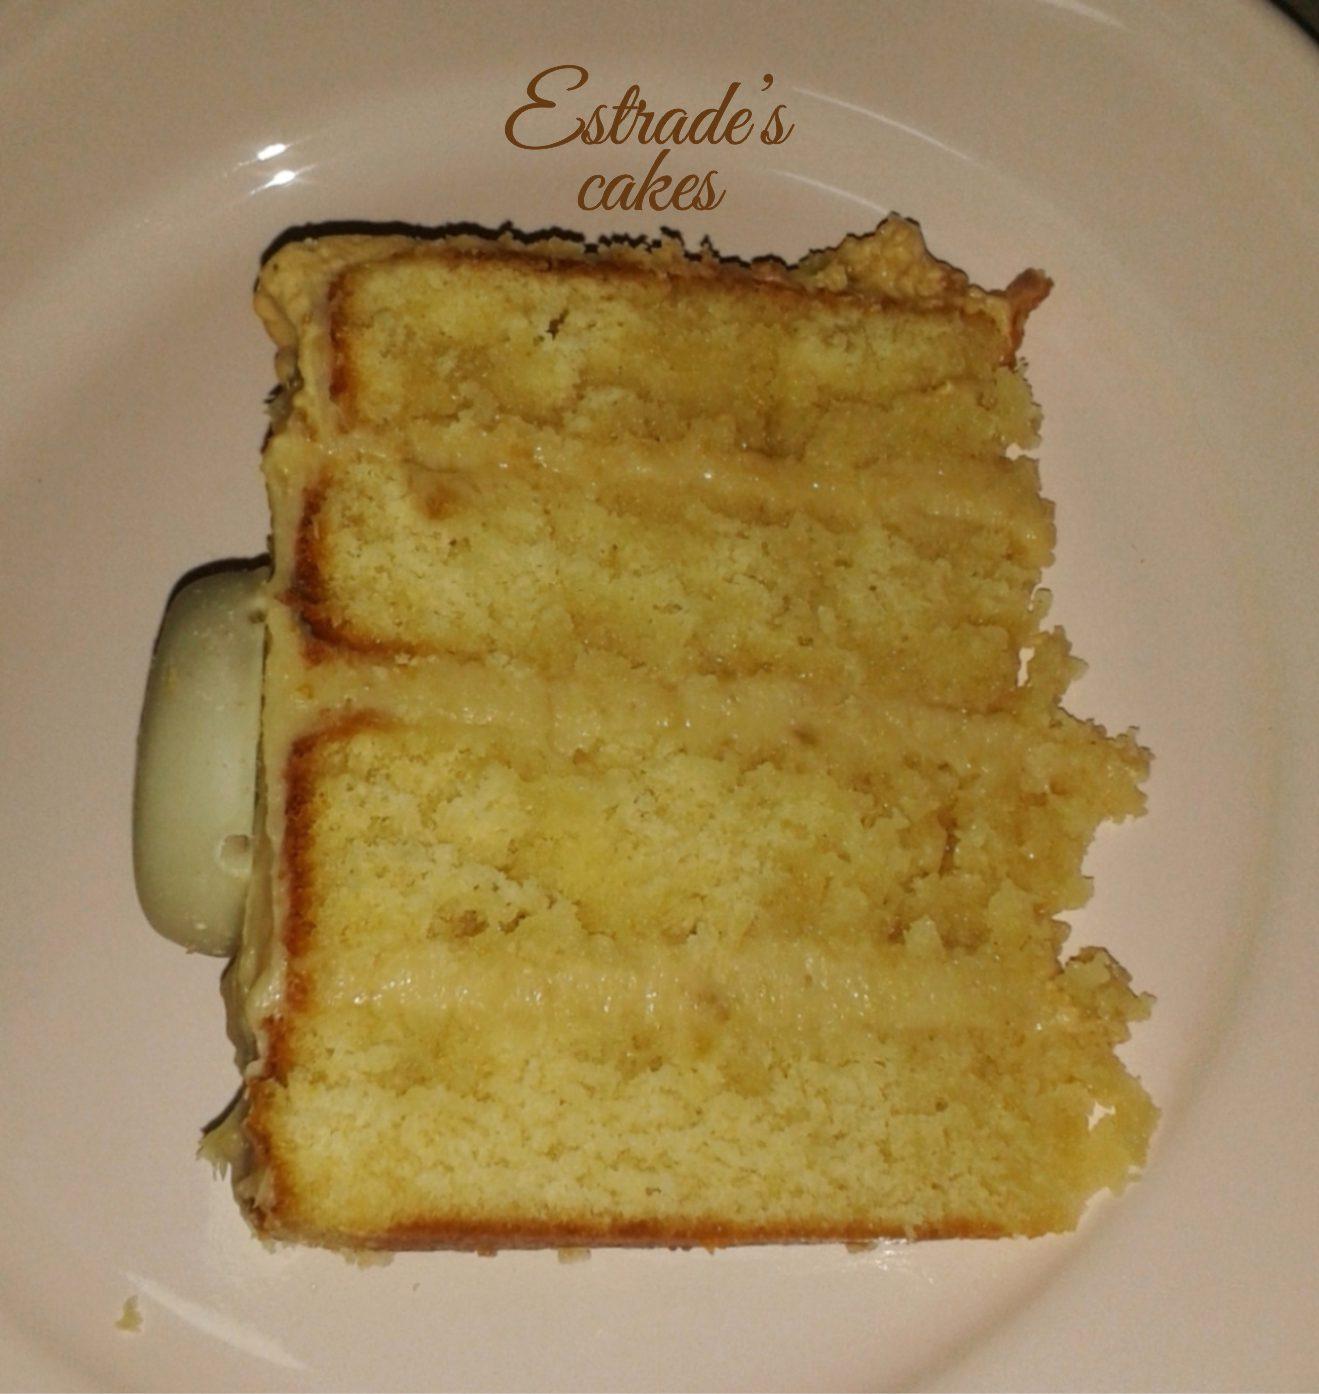 receta de crema plátano y chocolate blanco - 3